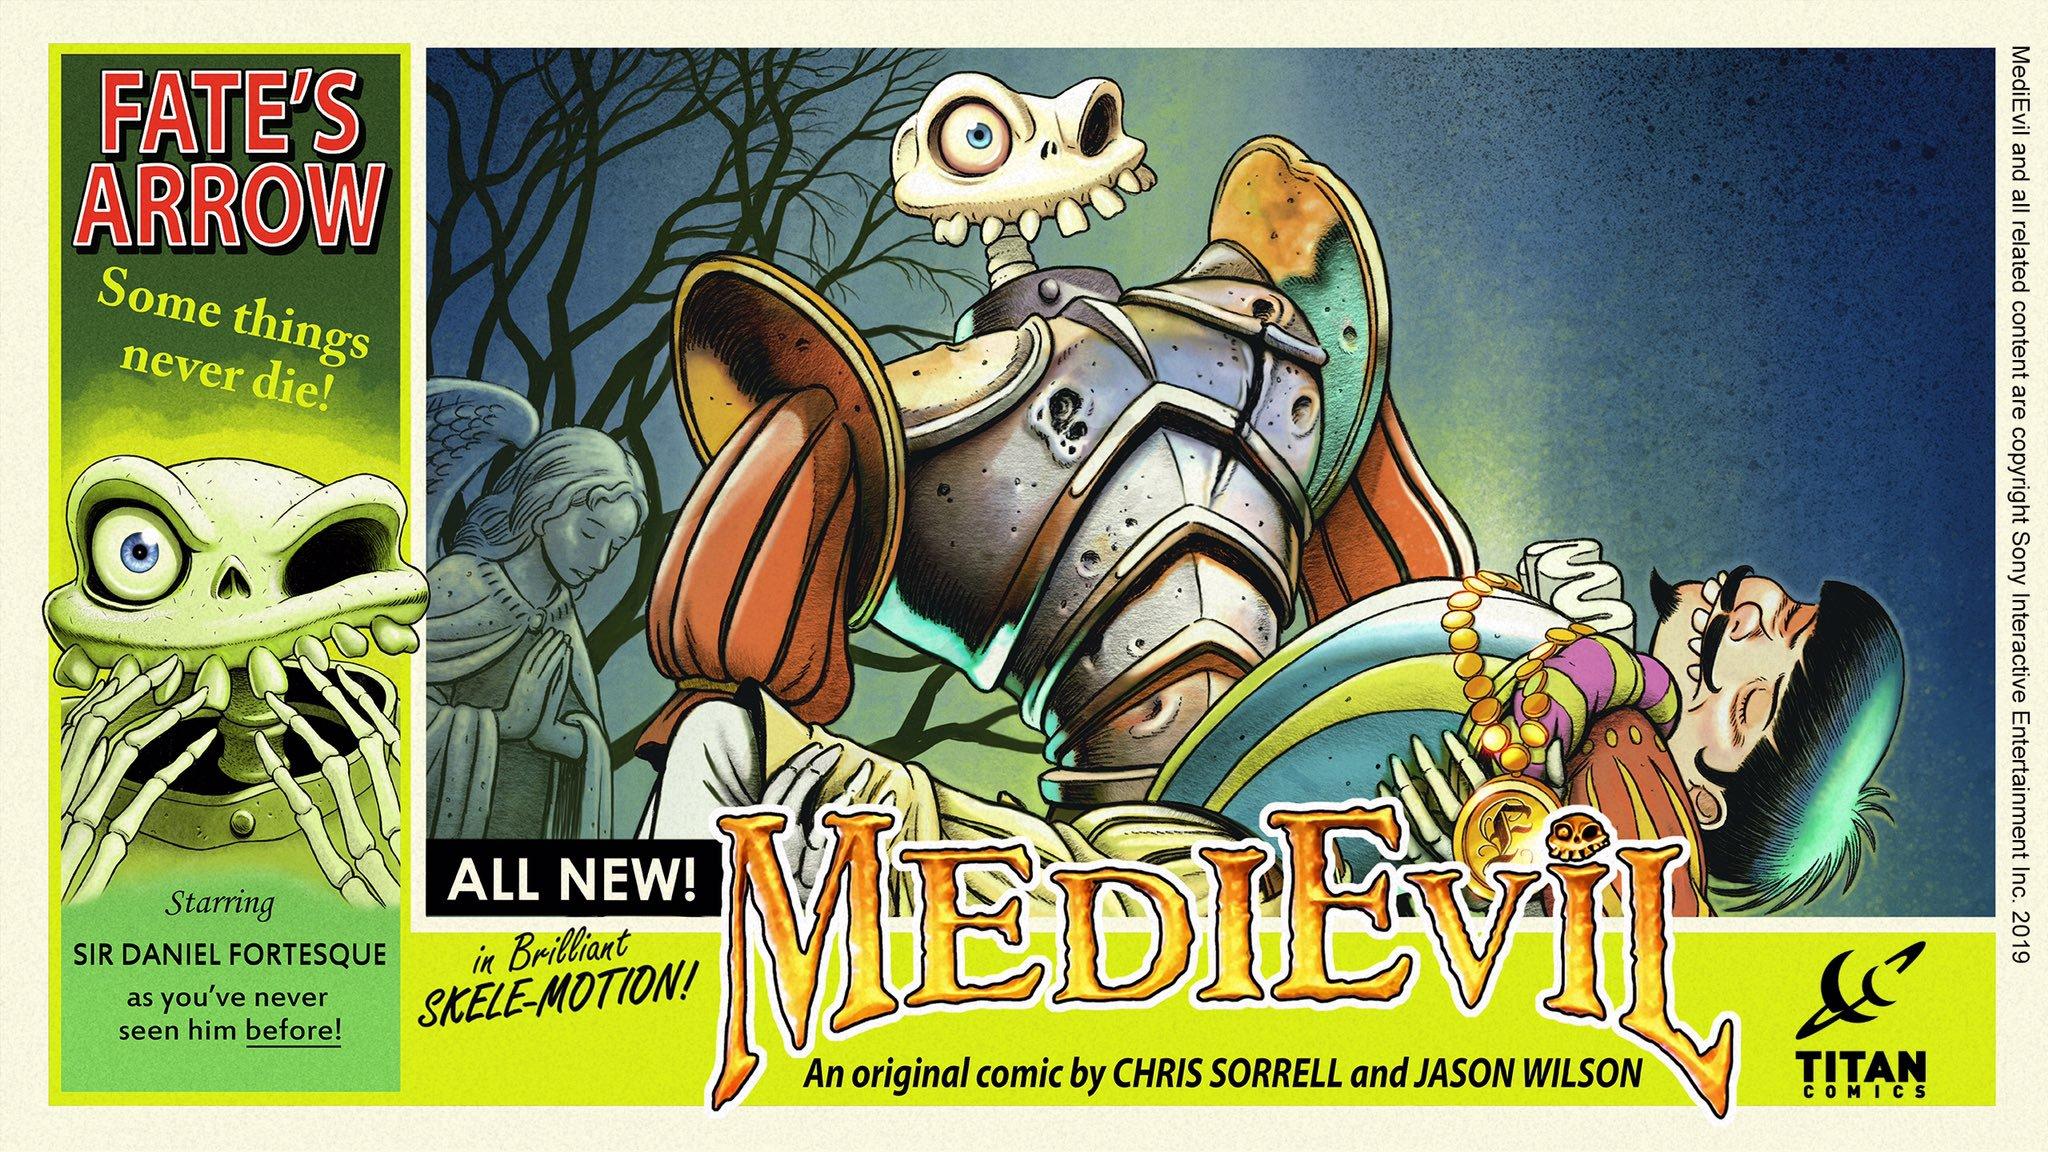 medievil komiks 4 - Niewydany MediEvil: Fate's Arrow na PS2 powróci w formie komiksu!